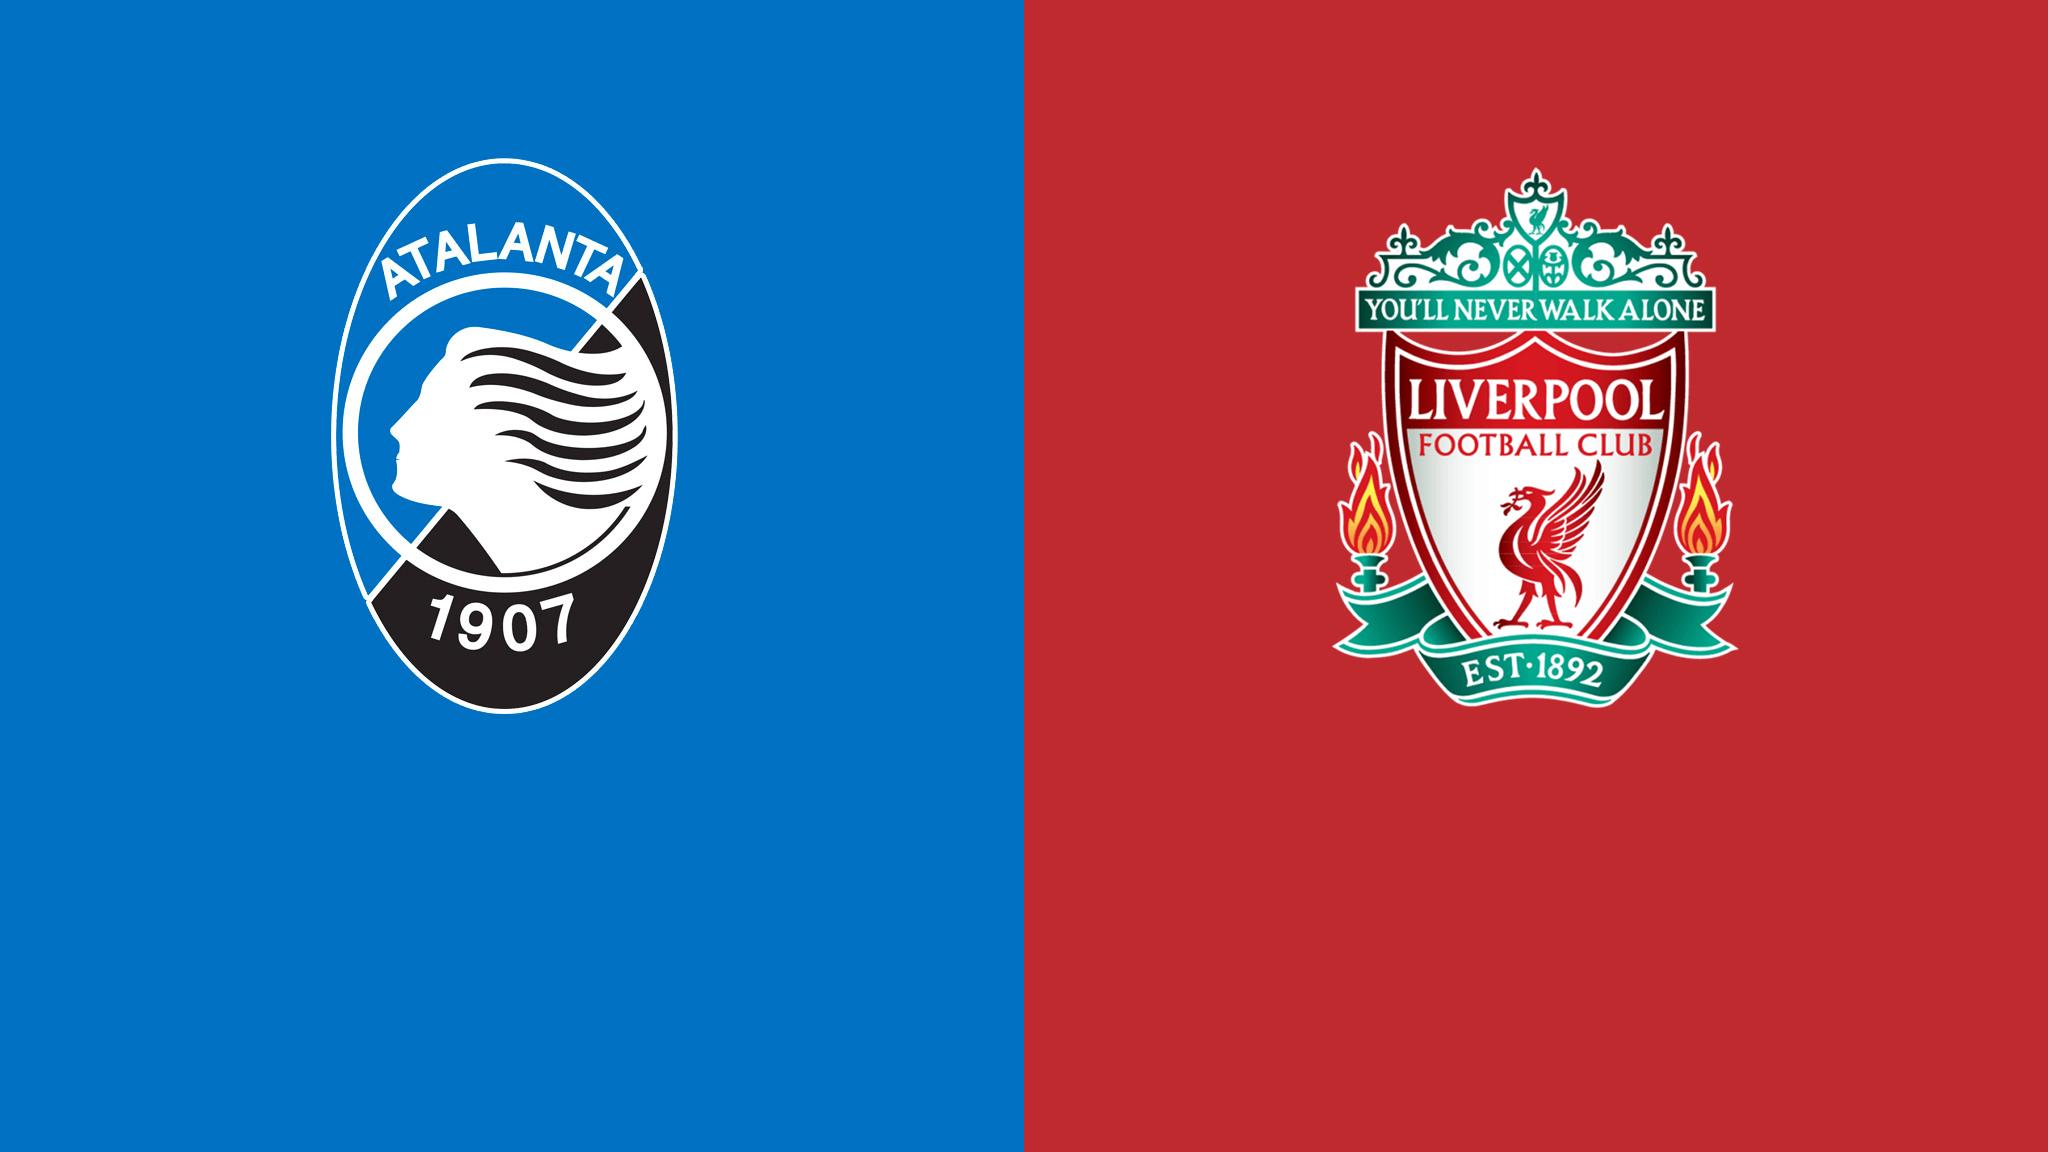 موعد مباراة أتلانتا وليفربول في دوري أبطال أوروبا والقنوات الناقلة - بالجول